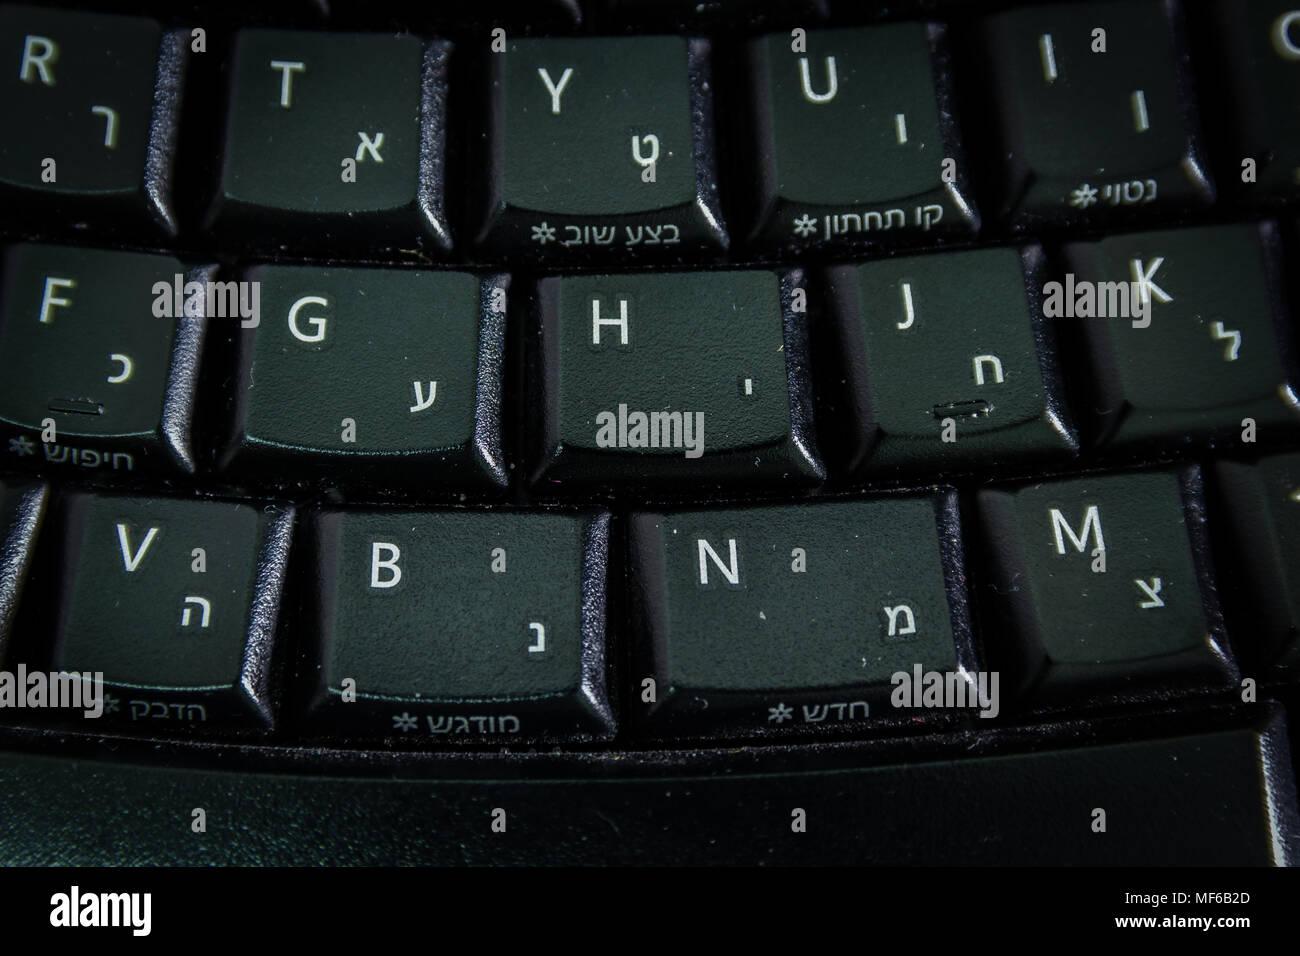 Clavier avec lettres en hébreu et en anglais clavier sans fil